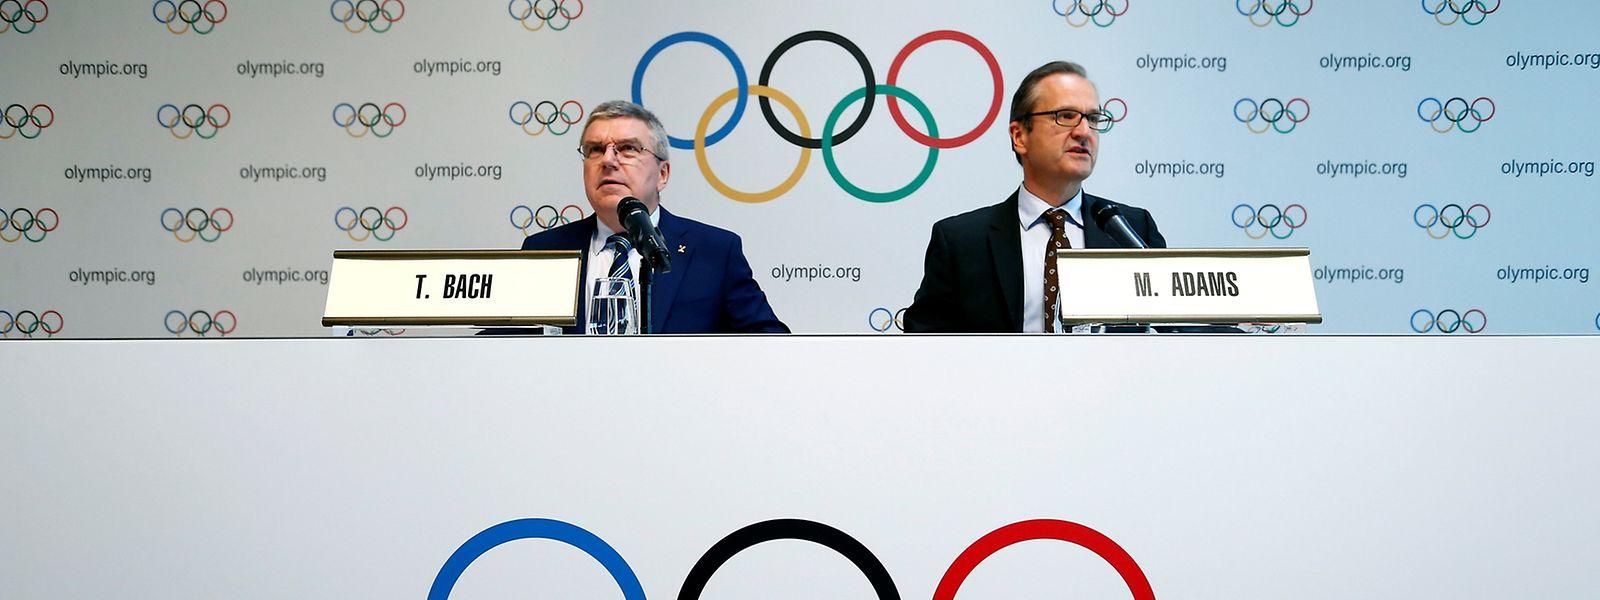 Das Internationale Olympische Komitee hat beschlossen, dass Russen und Kenianer nur nach einer Prüfung nach Rio fahren dürfen